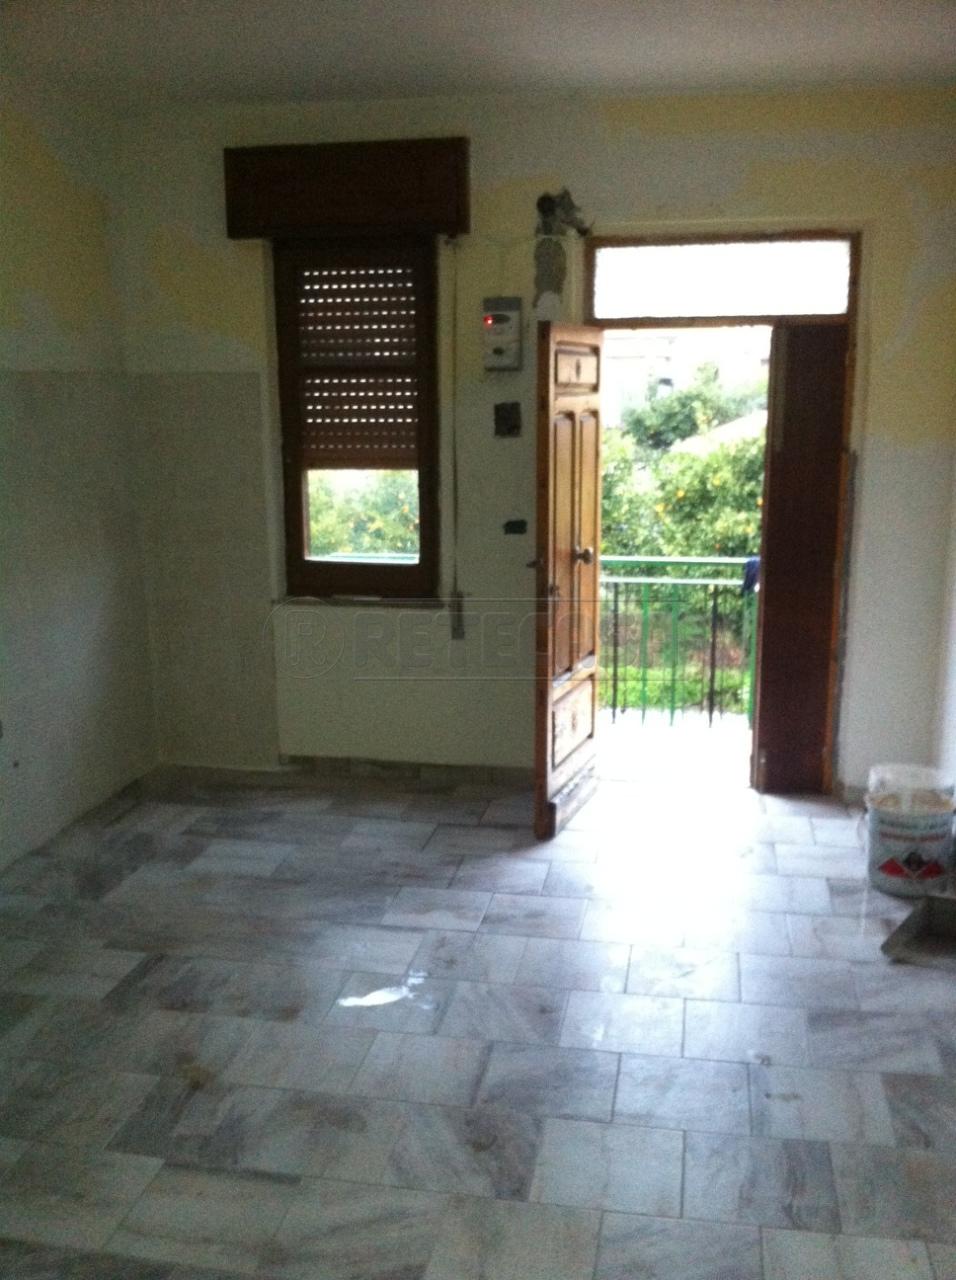 Appartamento in vendita a Catanzaro, 2 locali, prezzo € 40.000 | Cambio Casa.it